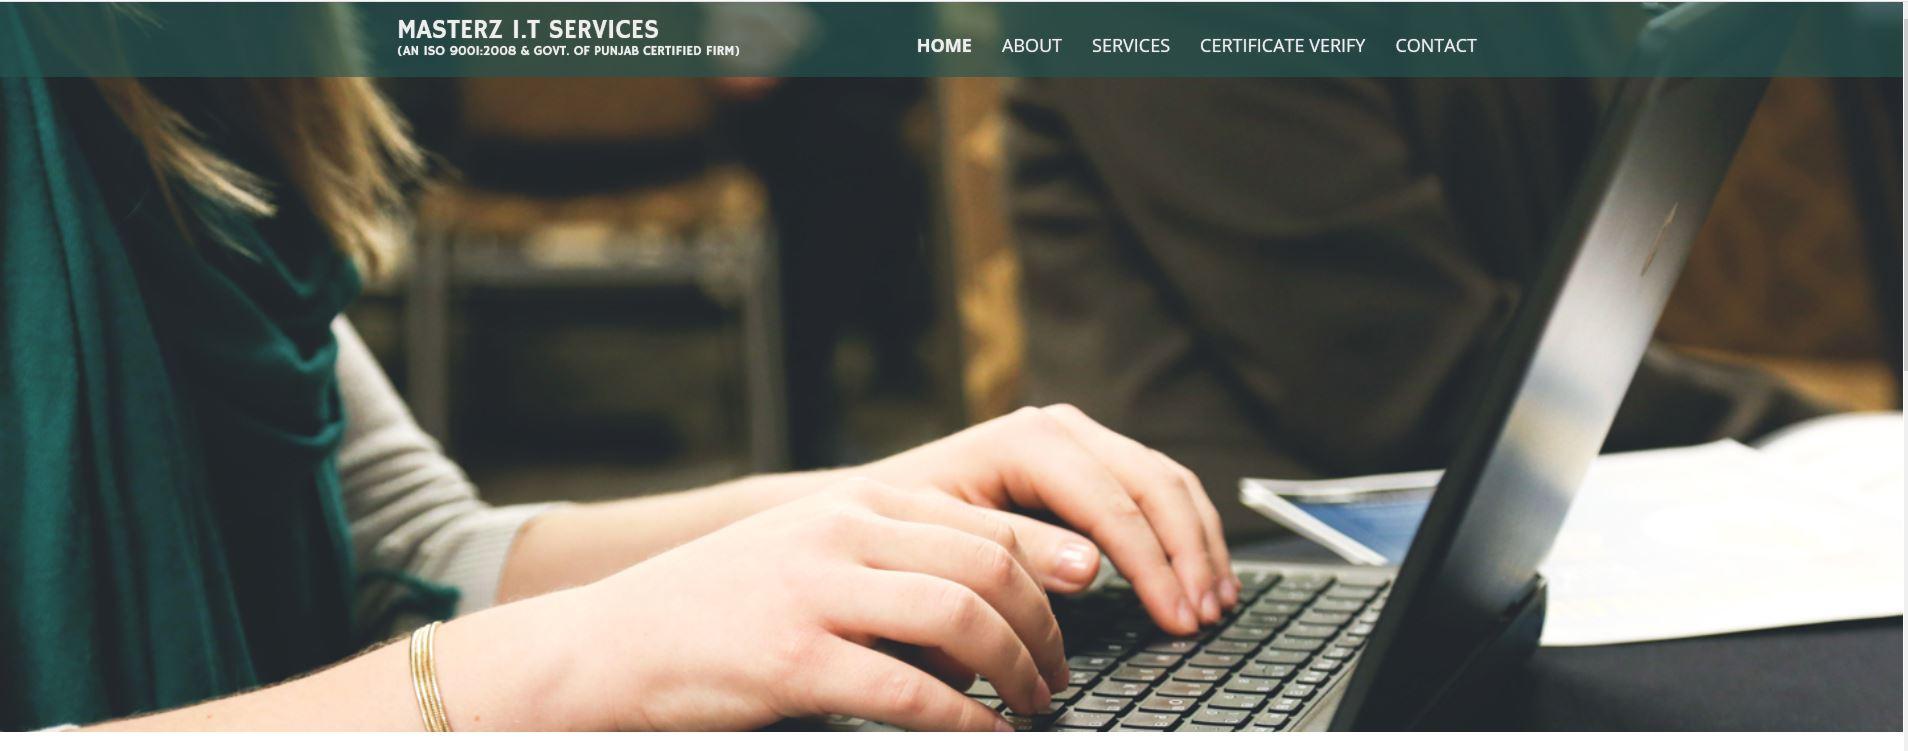 MASTERZ I.T. SERVICES-SchoSys.com